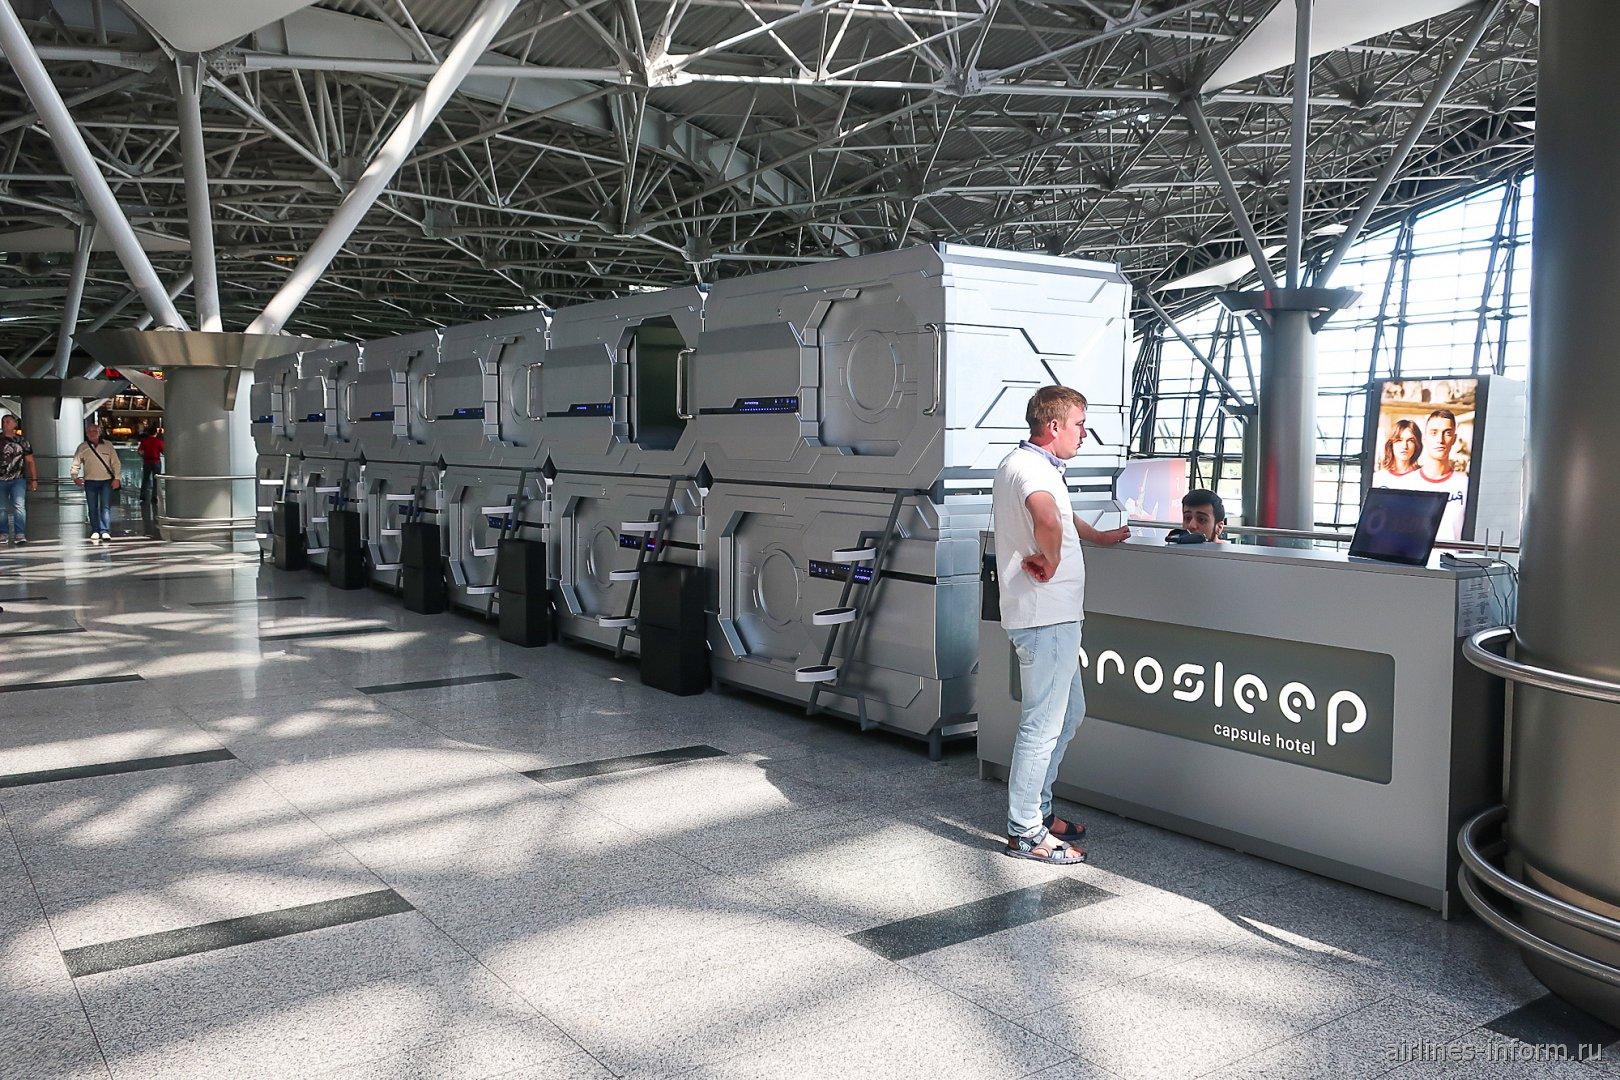 Капсюльный отель Aerosleep в терминале А аэропорта Внуково